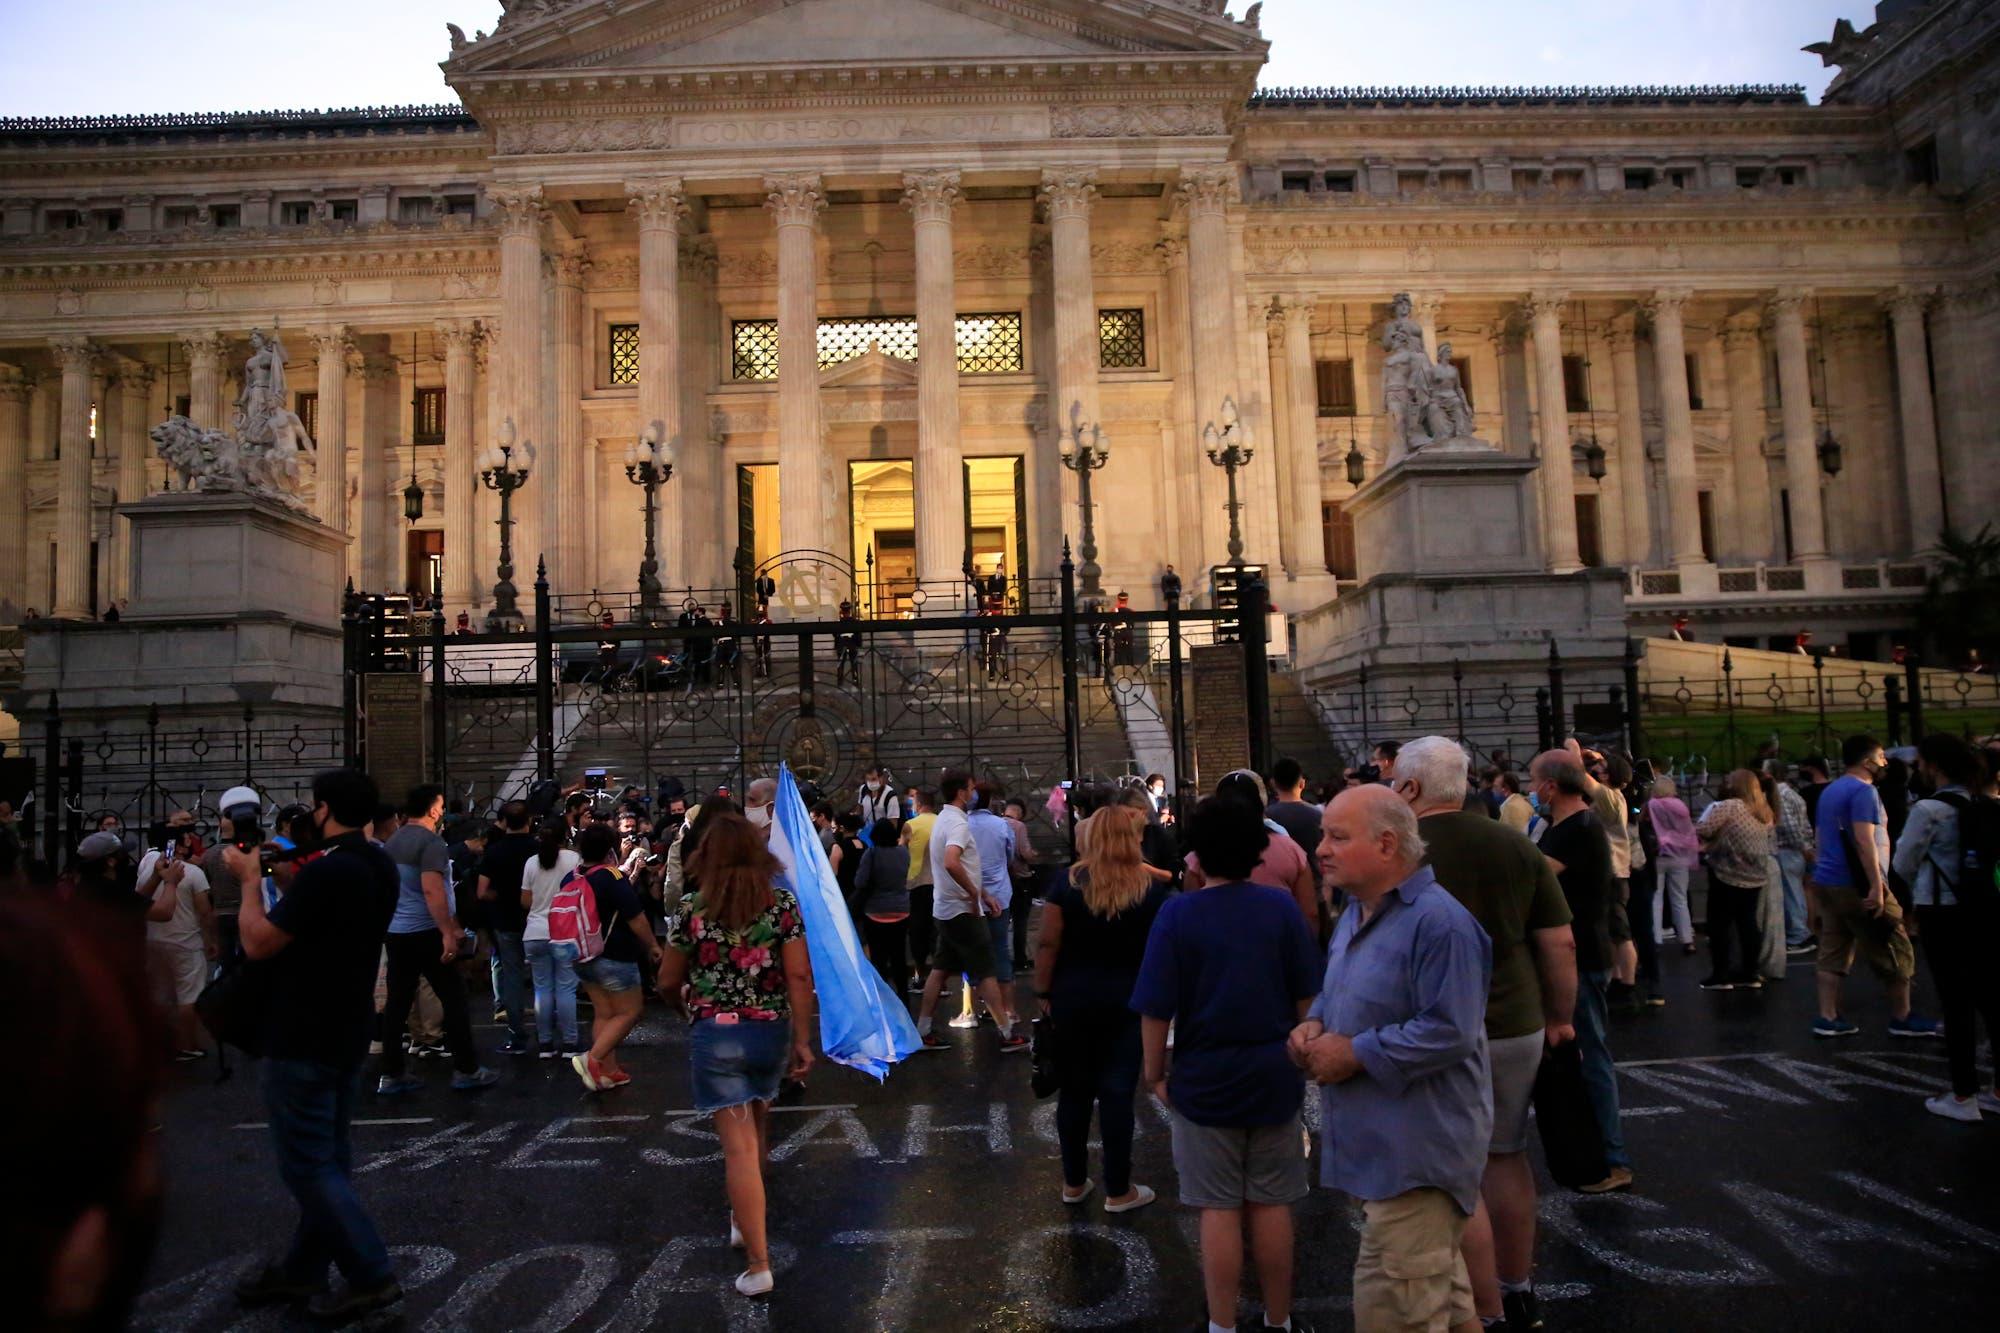 Murió Carlos Menem: bajo la lluvia, el expresidente es velado en el Congreso